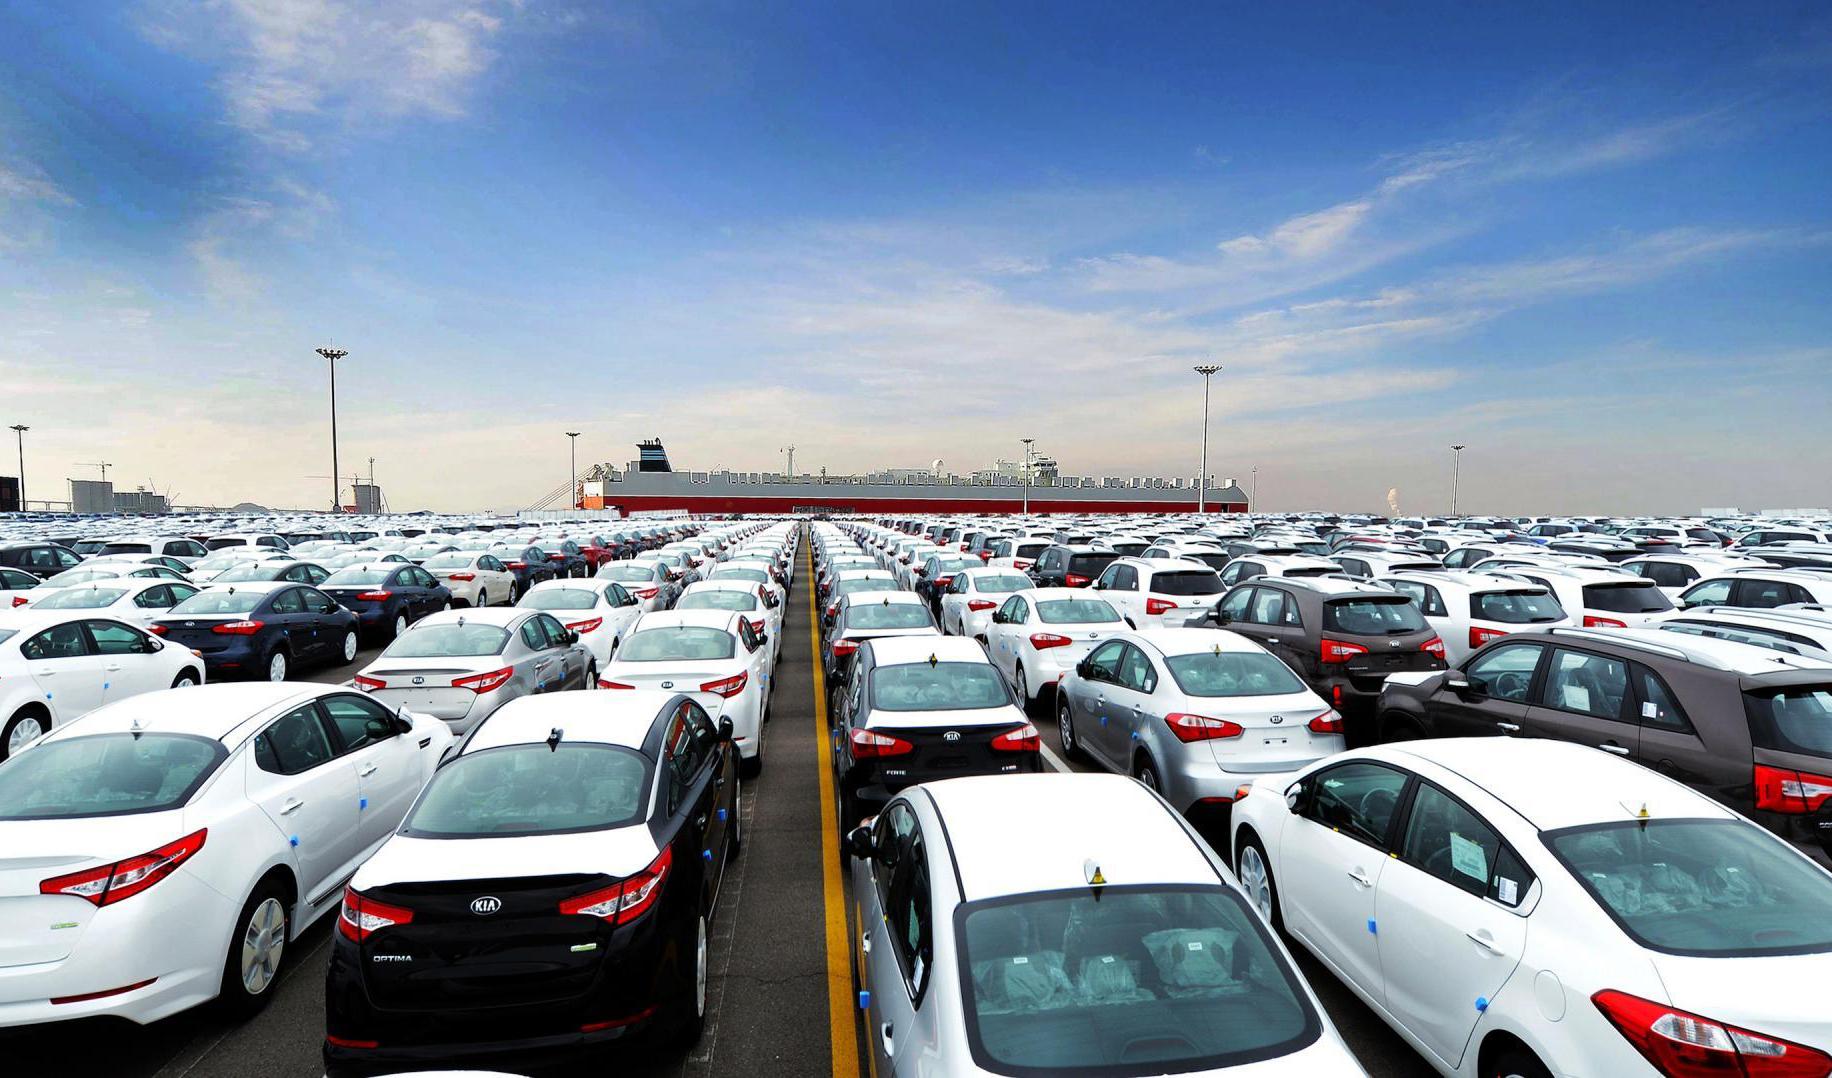 یک هزار و ۴۸ دستگاه خودرو از گمرک ترخیص می شود